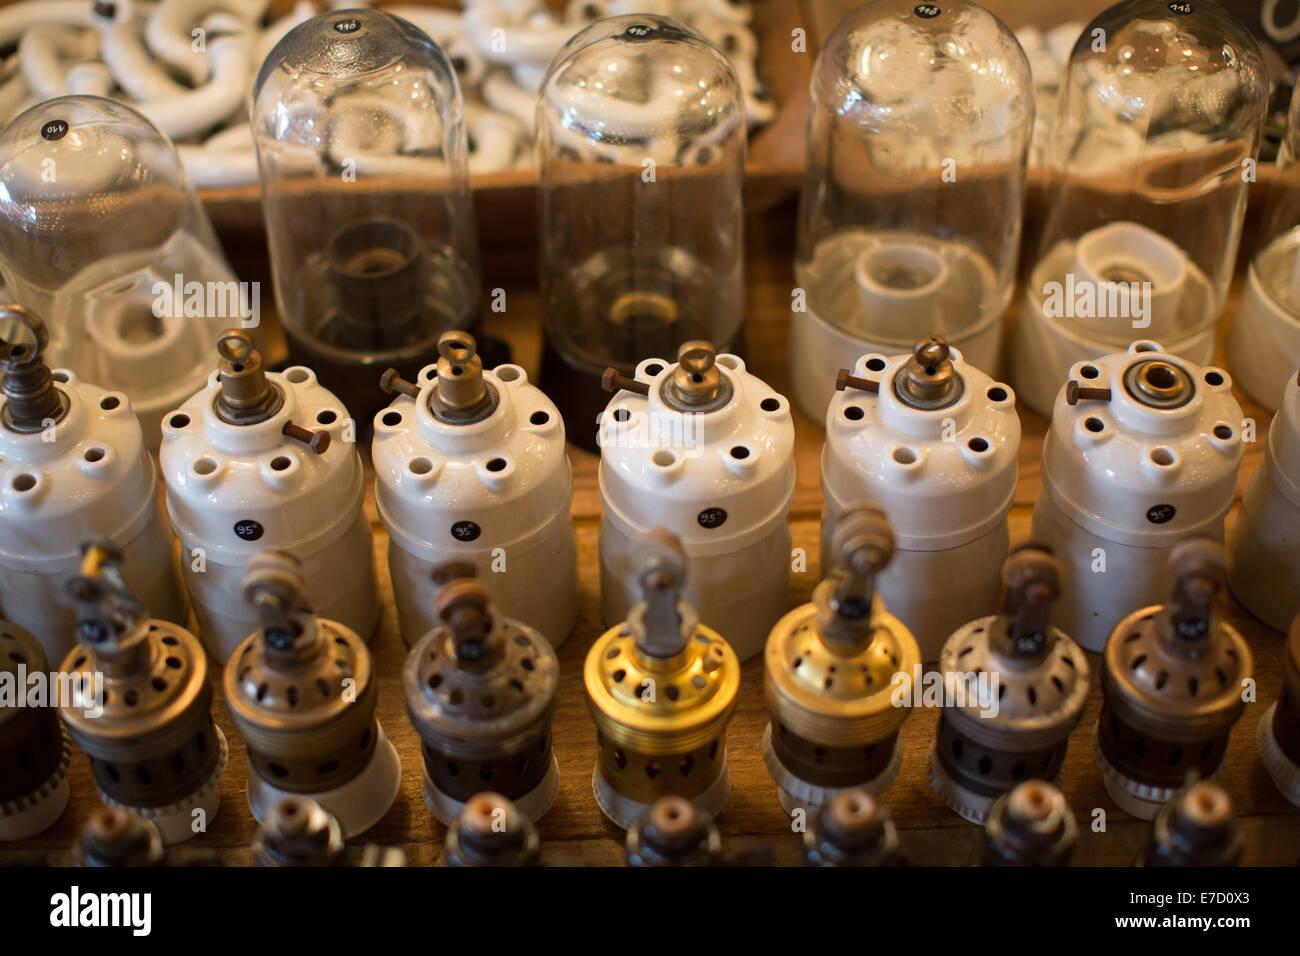 Vintage ceramic electricity fittings, Paris's amazing antiques market, Marche aux Puces de Saint-Ouen, Paris, - Stock Image